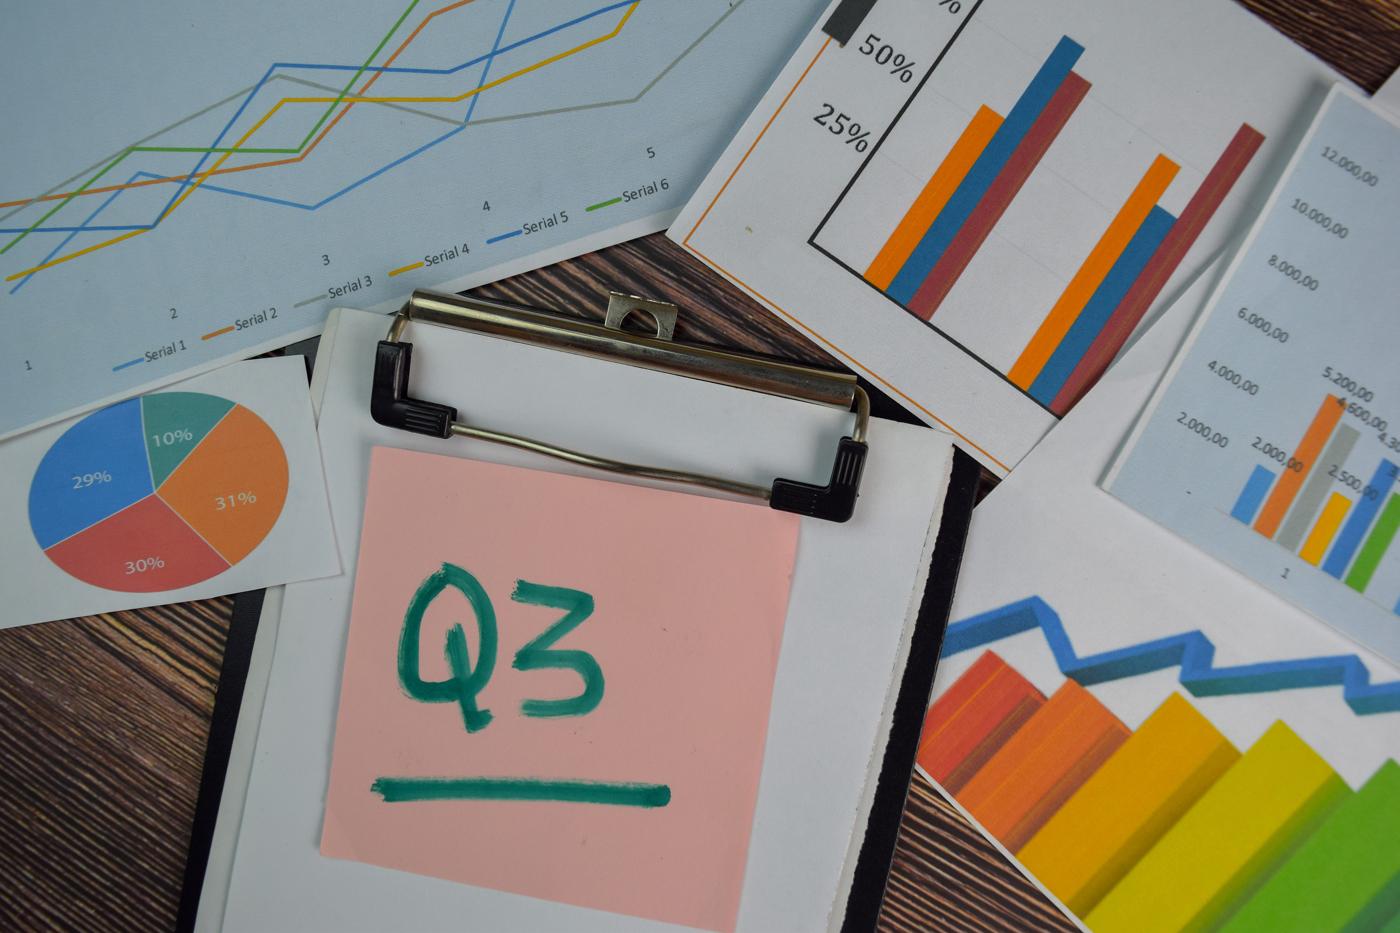 Q3 earnings, Third quarter earnings